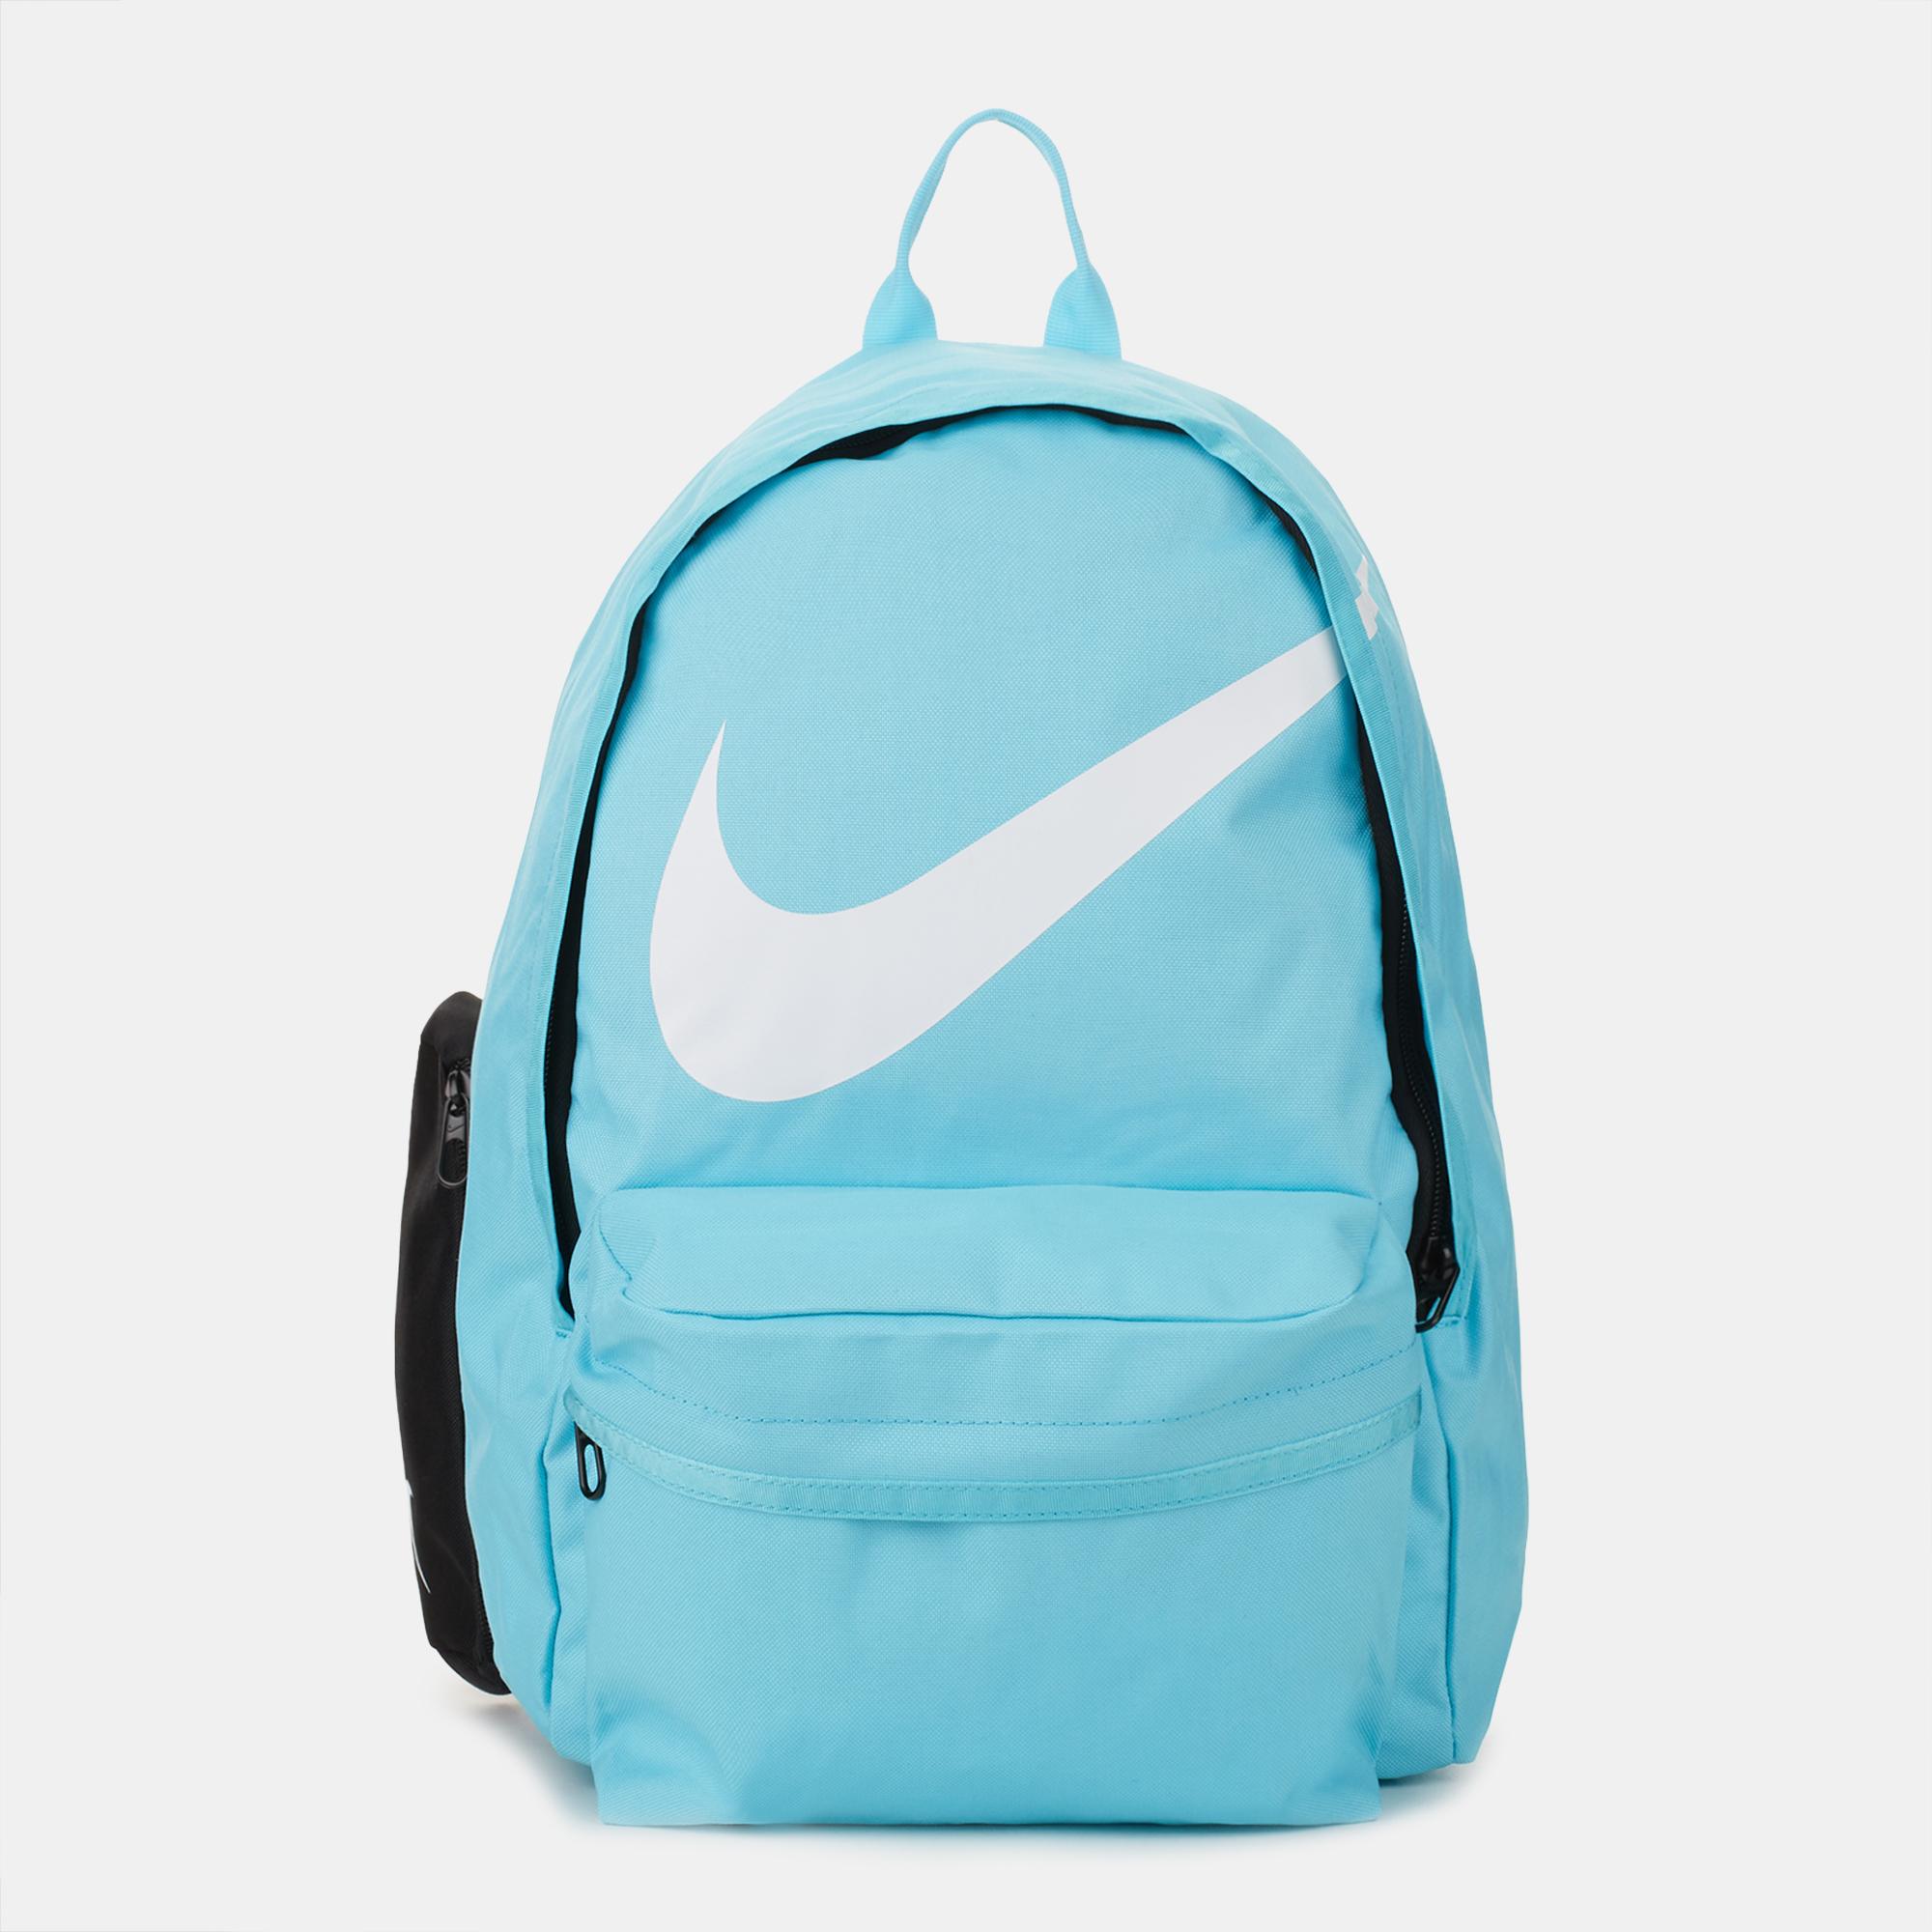 bf9585ef1c15 Shop Blue Nike Halfday Back to School Kids  Backpack for Kids by ...